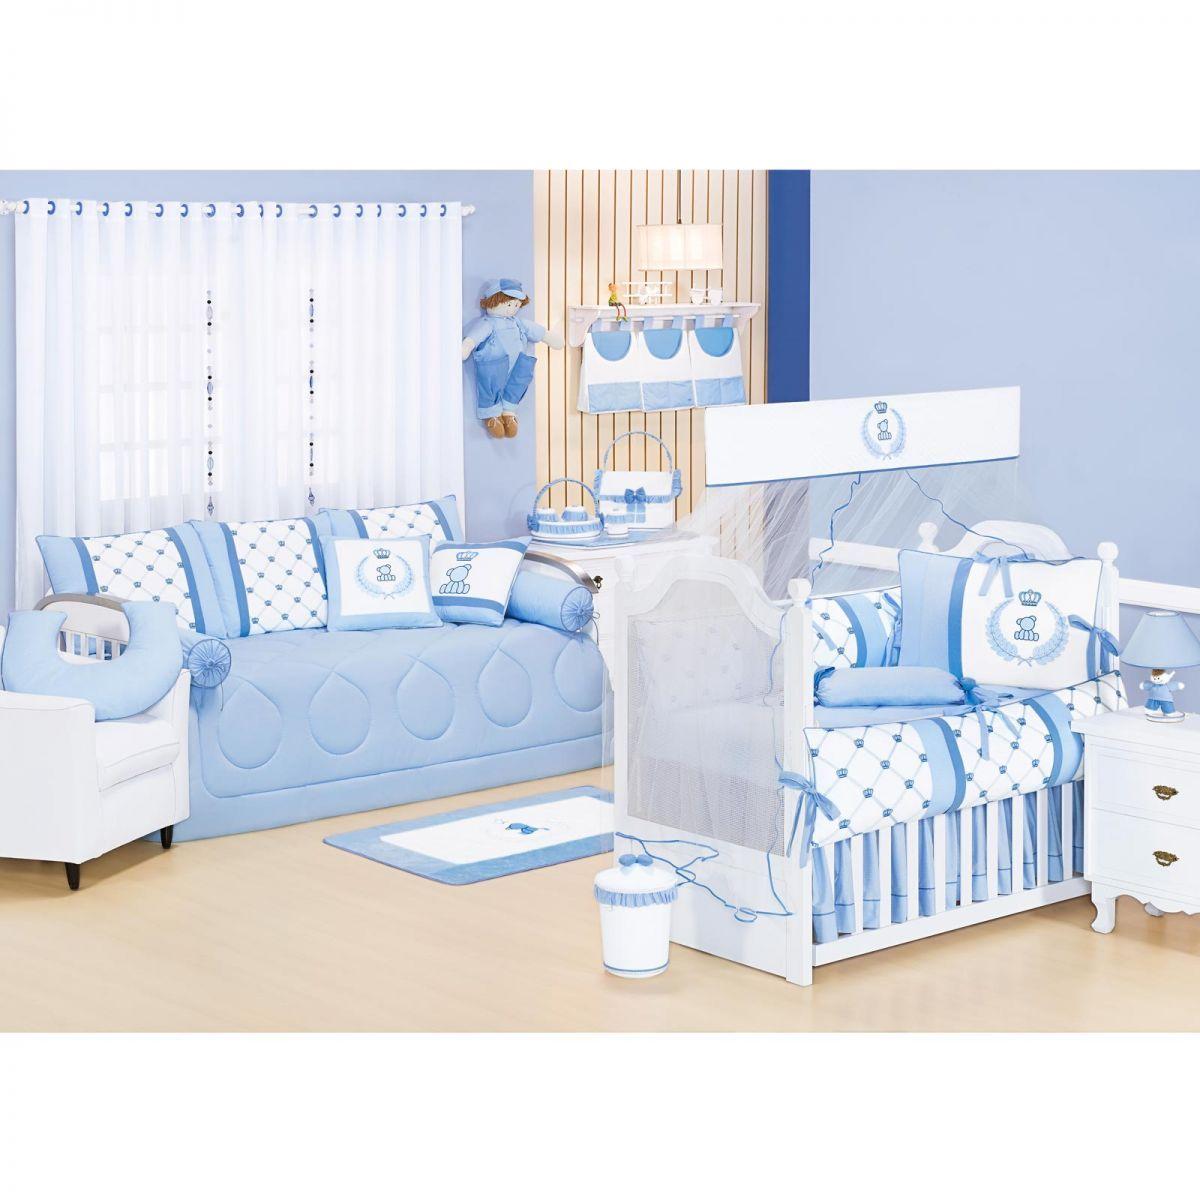 Coleção Completa para Quarto de Bebê Classic Azul - 25 Peças